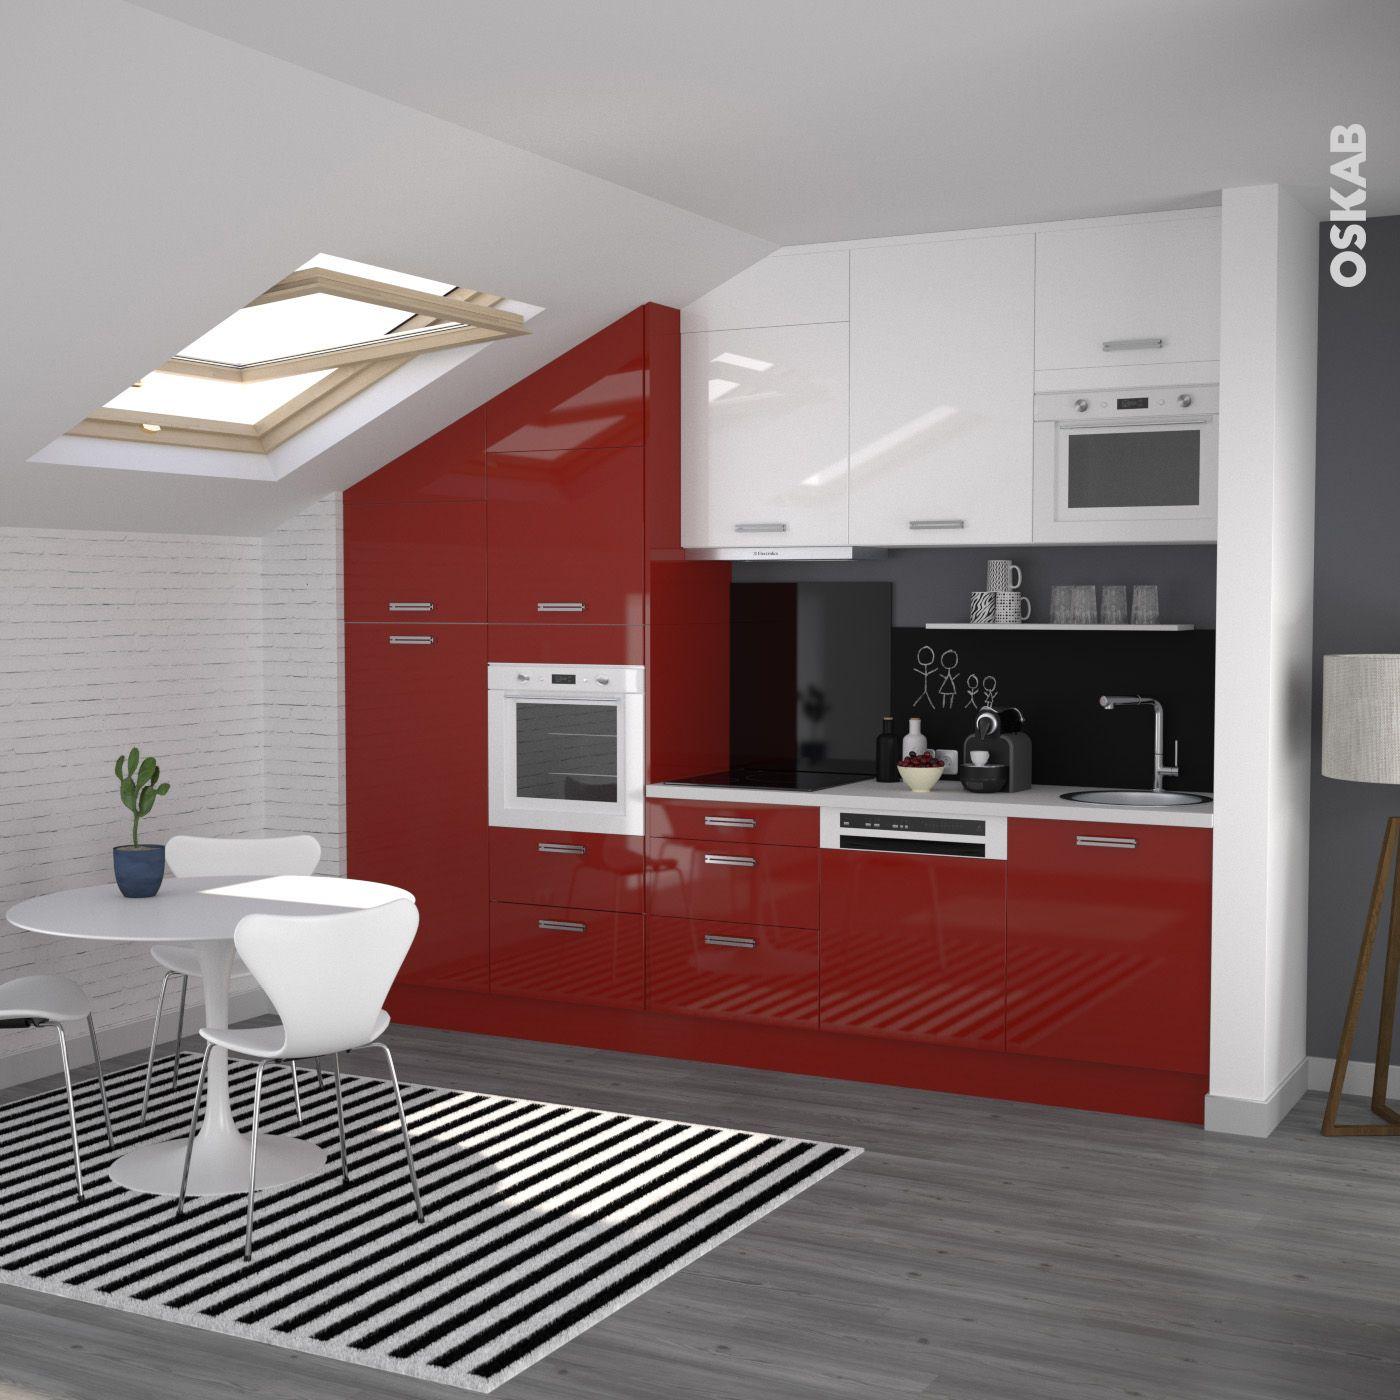 Cuisine Rouge Moderne Facade Stecia Rouge Brillant Deco Cuisine